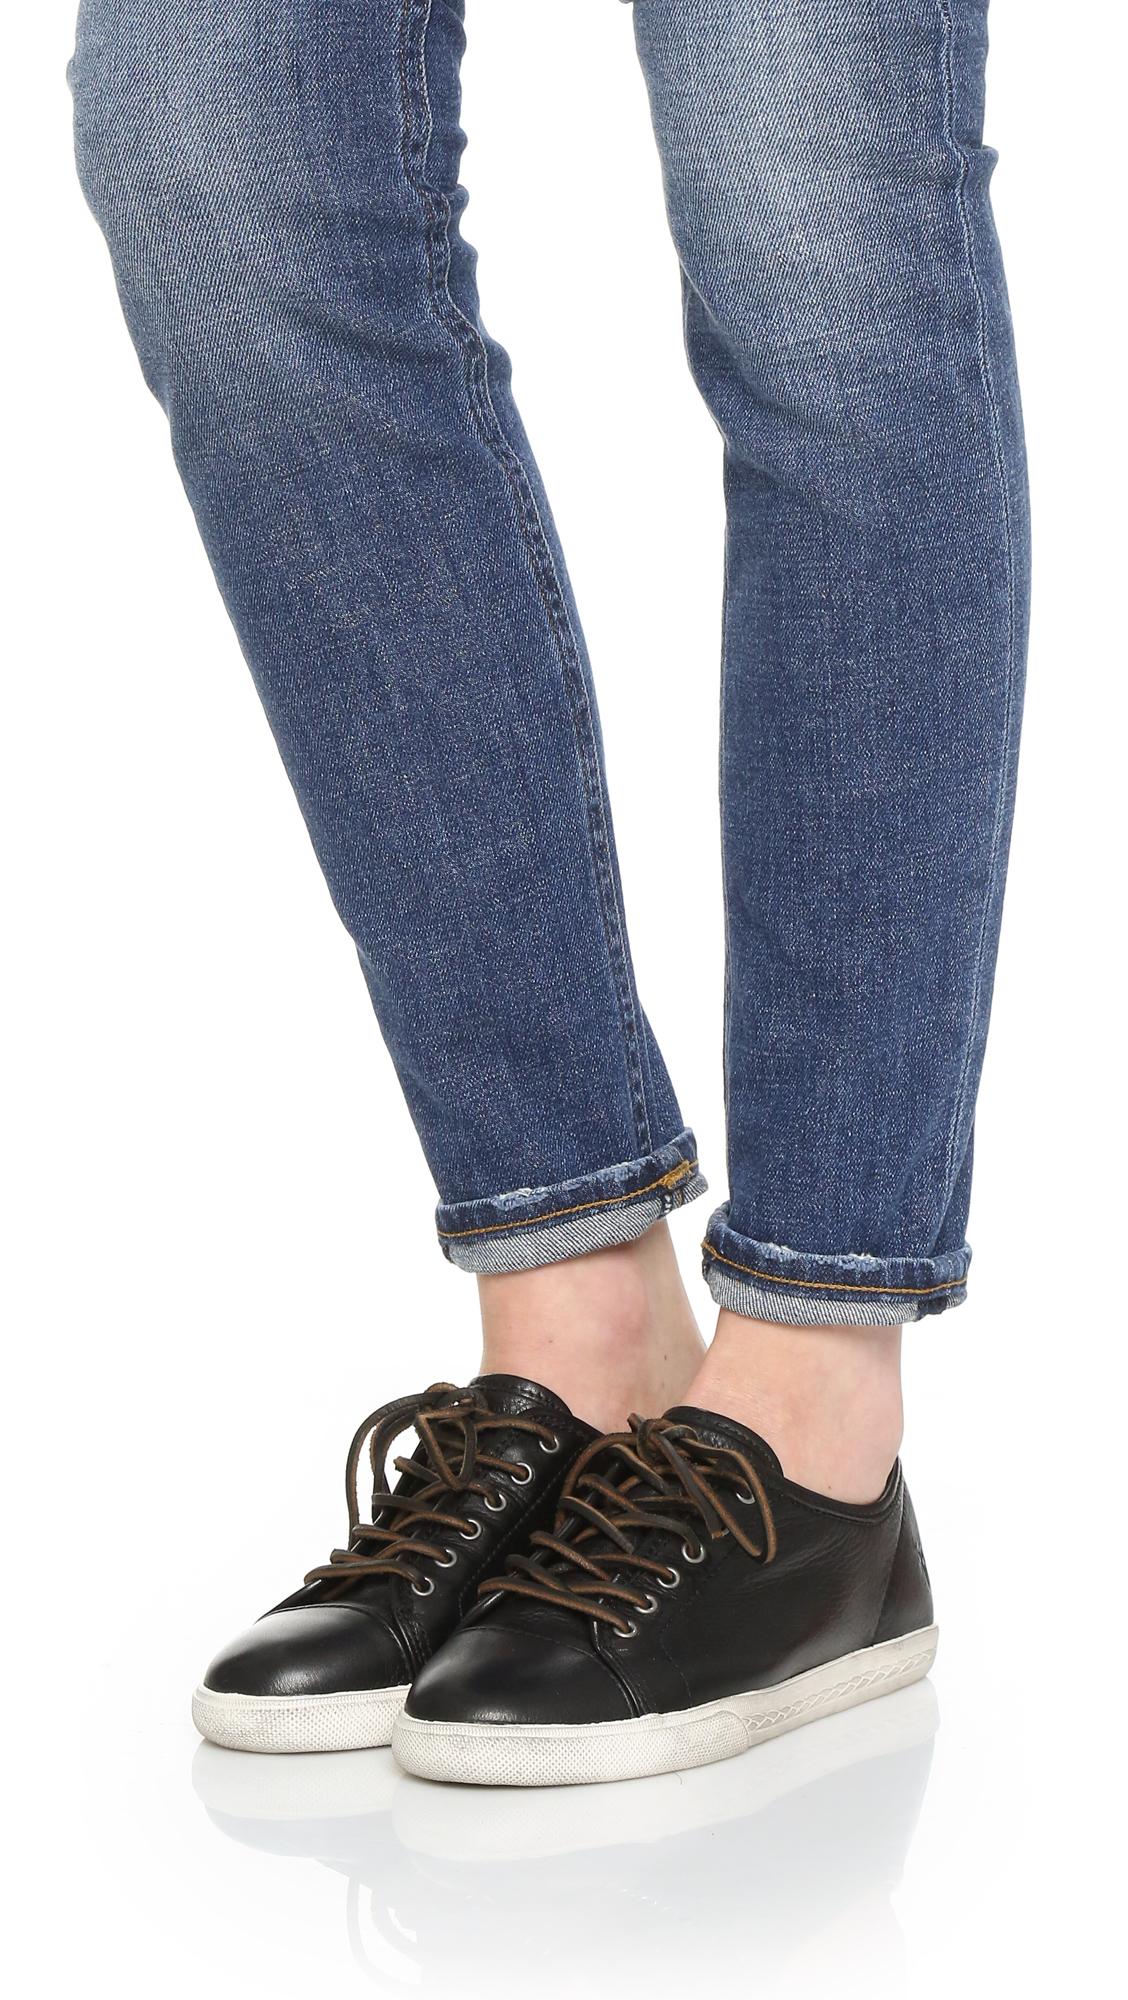 Lyst Frye Mindy Low Sneakers In Black